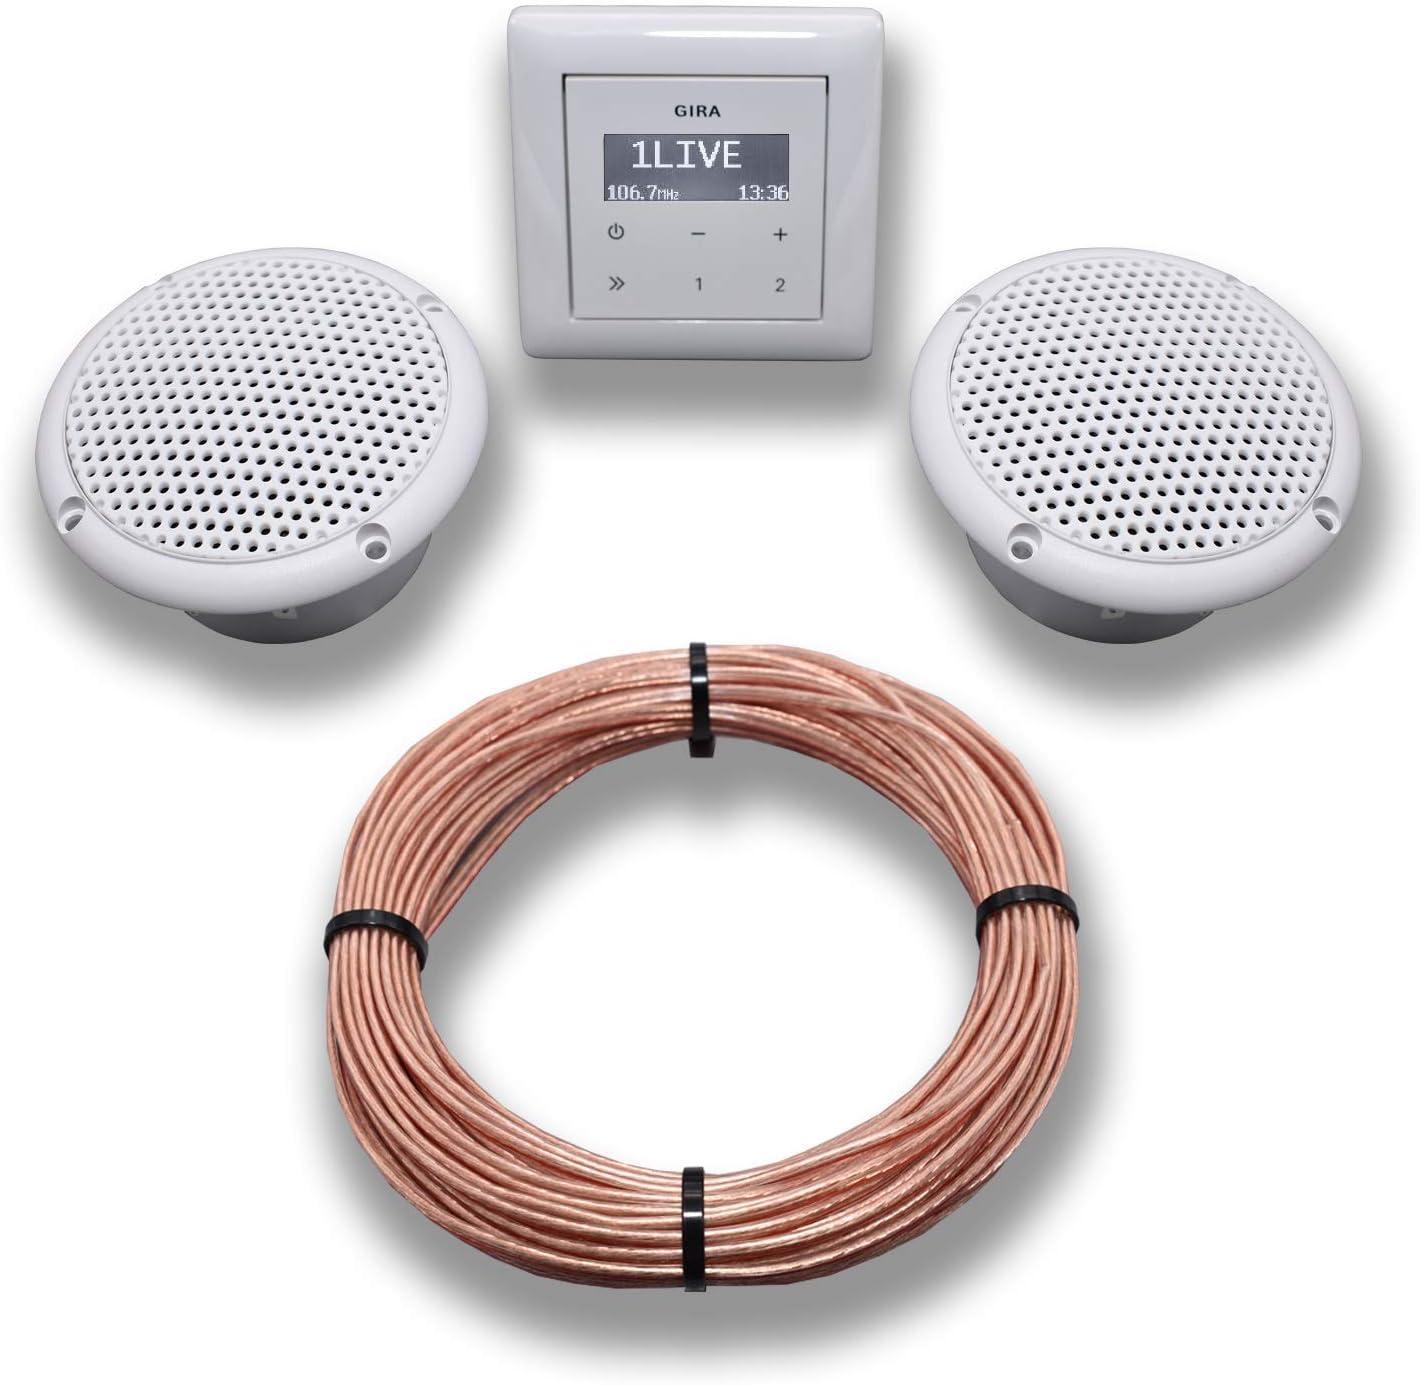 Gira Unterputz Radio Unterputzradio 200 reinweiß glänzend Komplett Set +  20 x Deckenlautsprecher weiß Feuchtraum/Badezimmer Einbaulautsprecher + ...